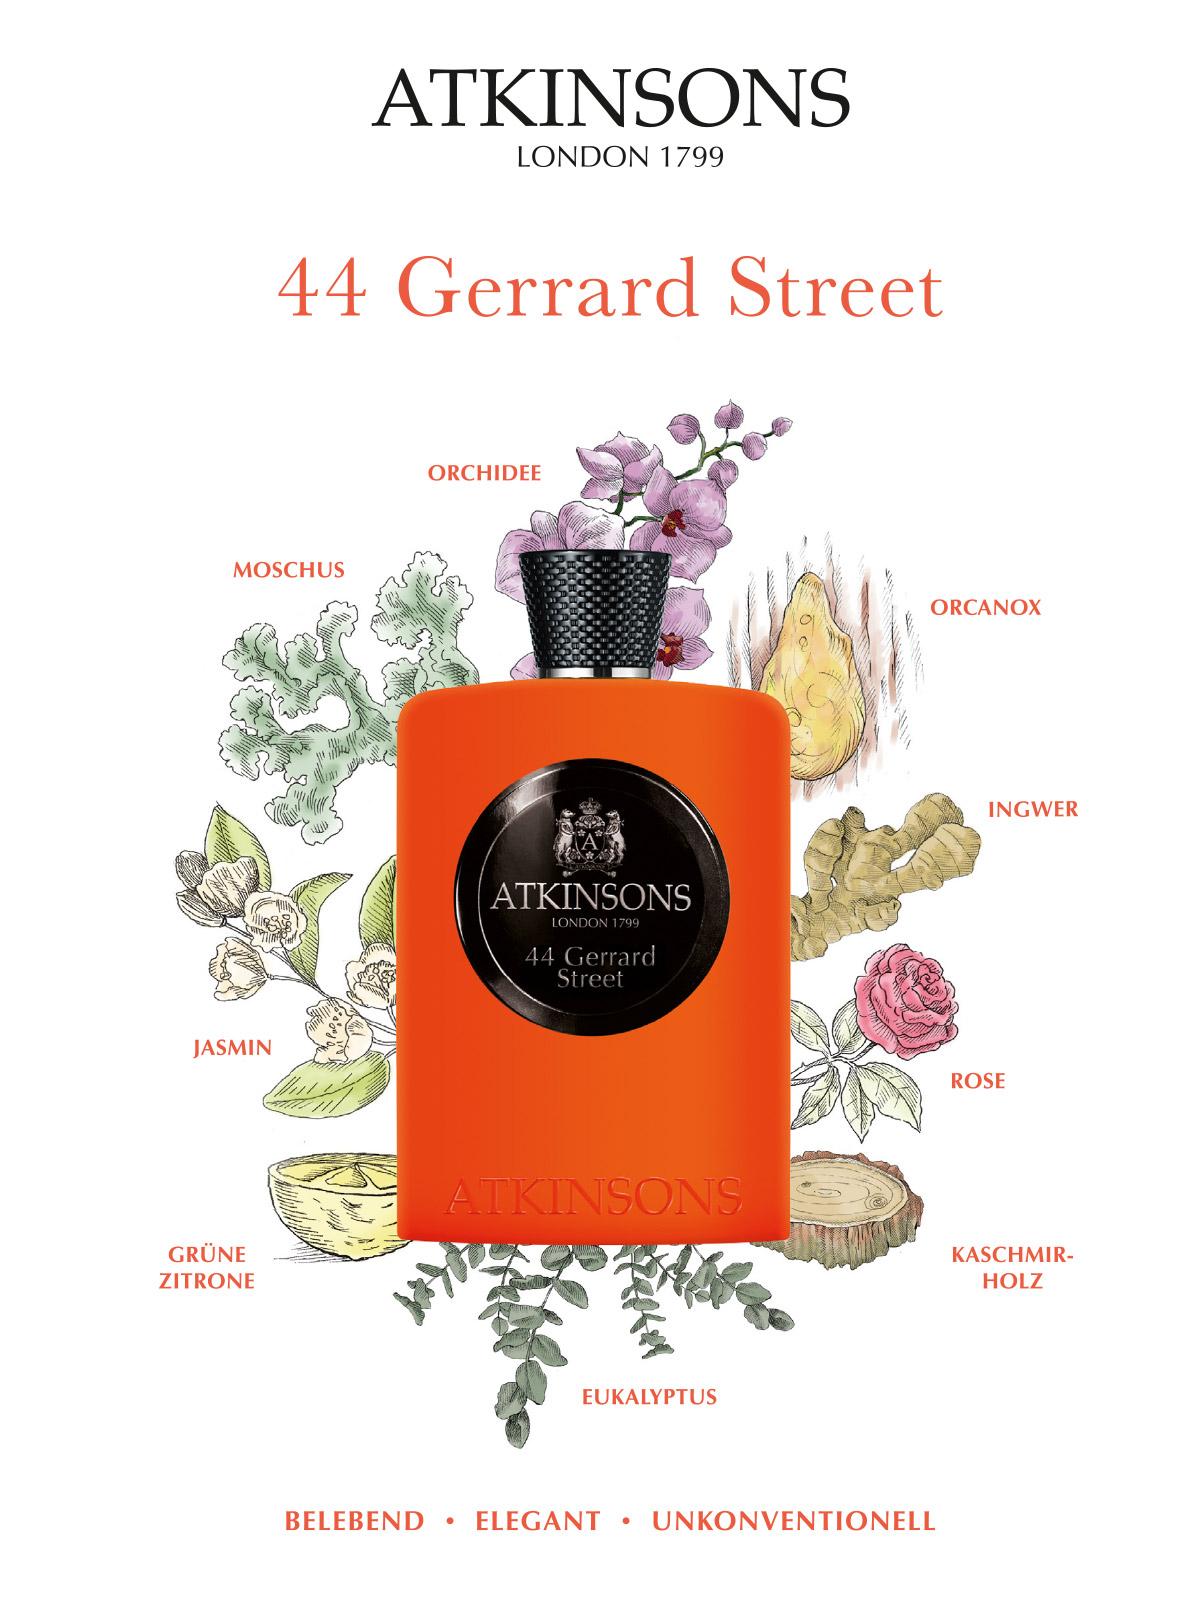 Ein Bild des Atkinsons 44 Gerrard Street Parfum